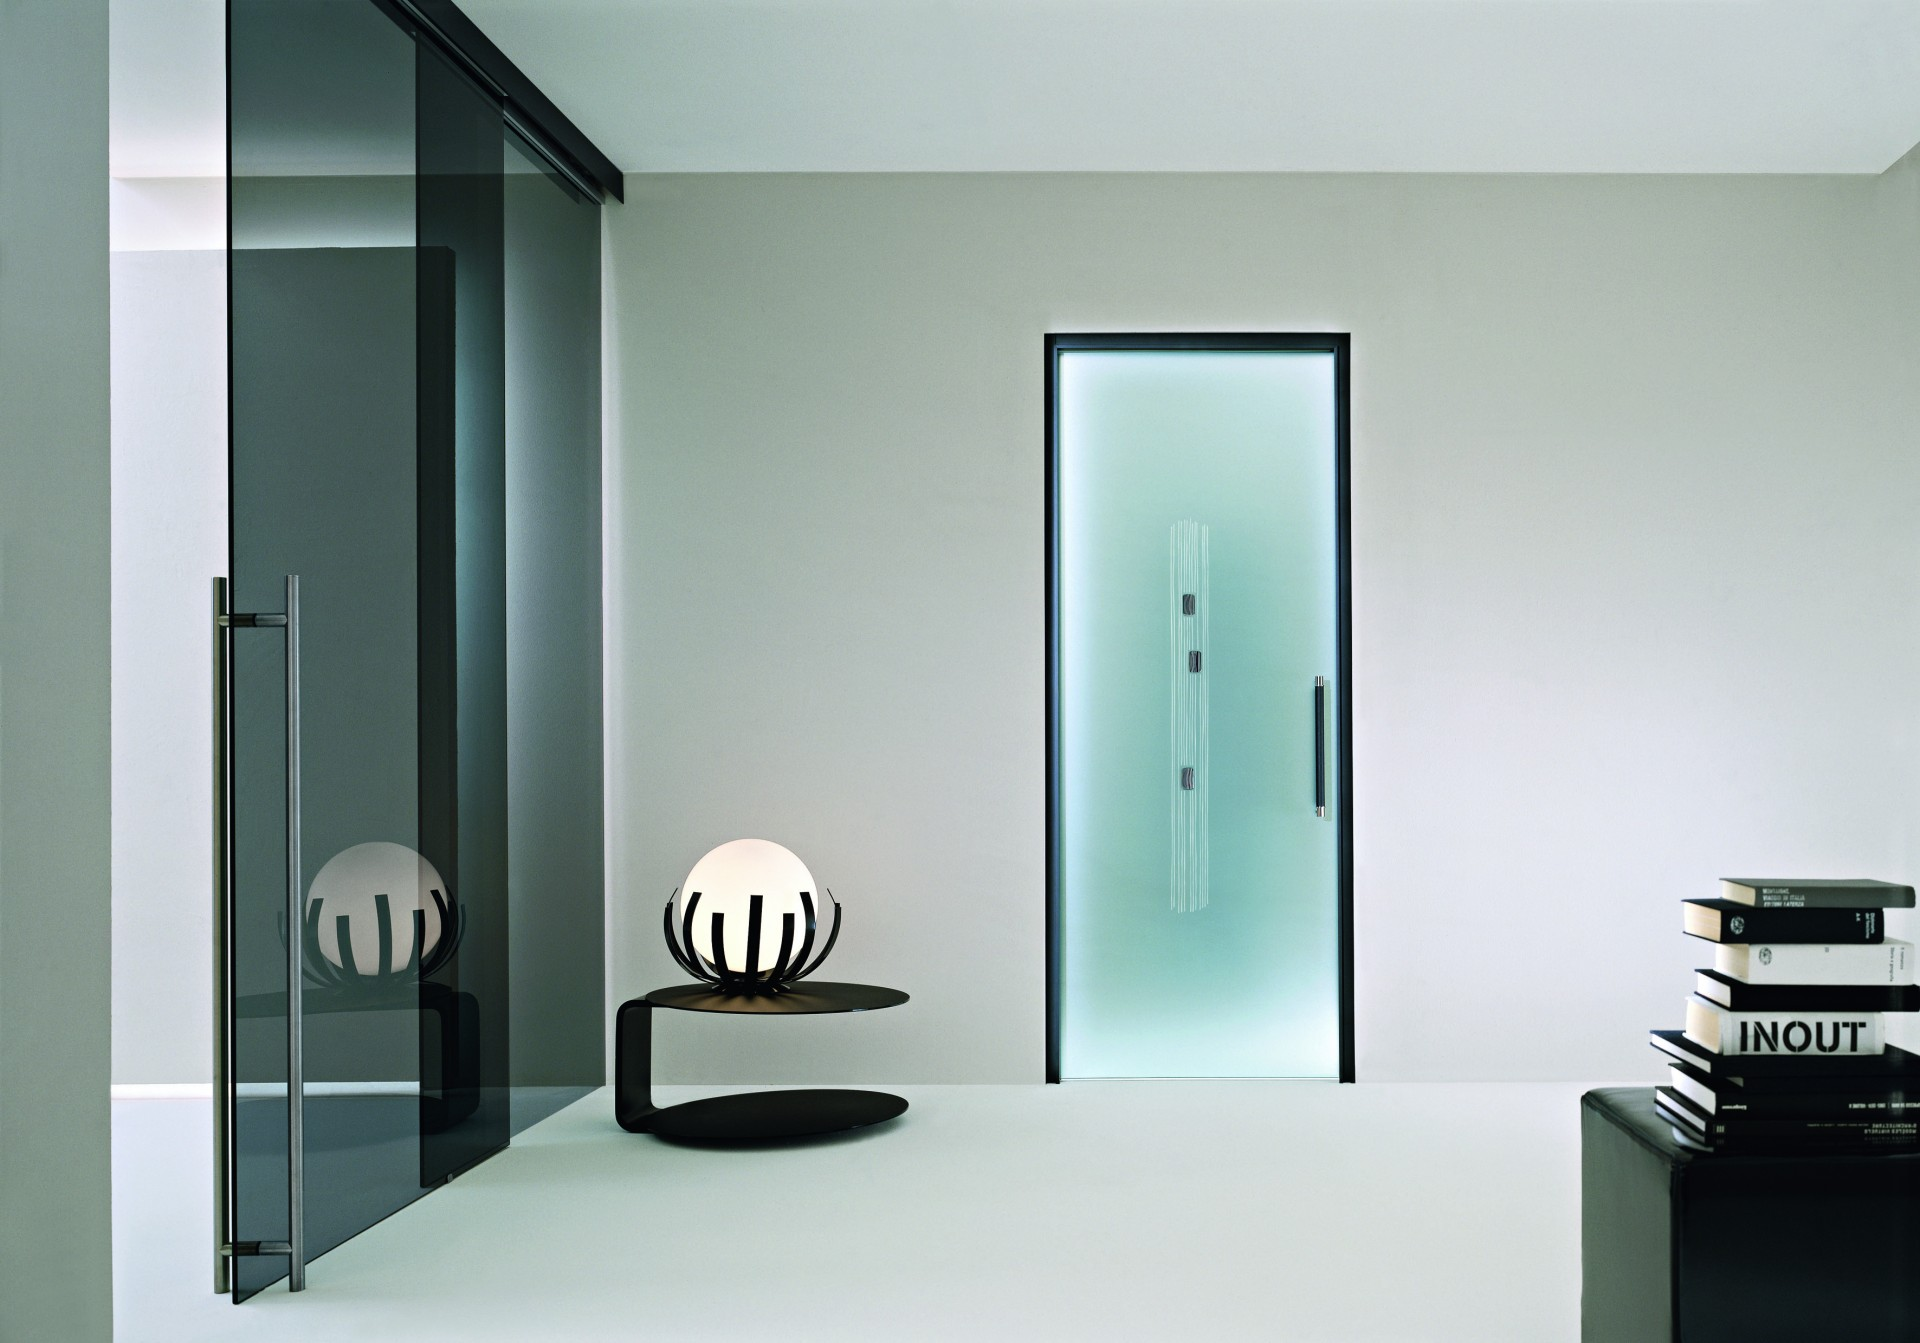 Porte In Alluminio Anodizzato in vetro | rr serramenti rovigo, infissi e porte alluminio